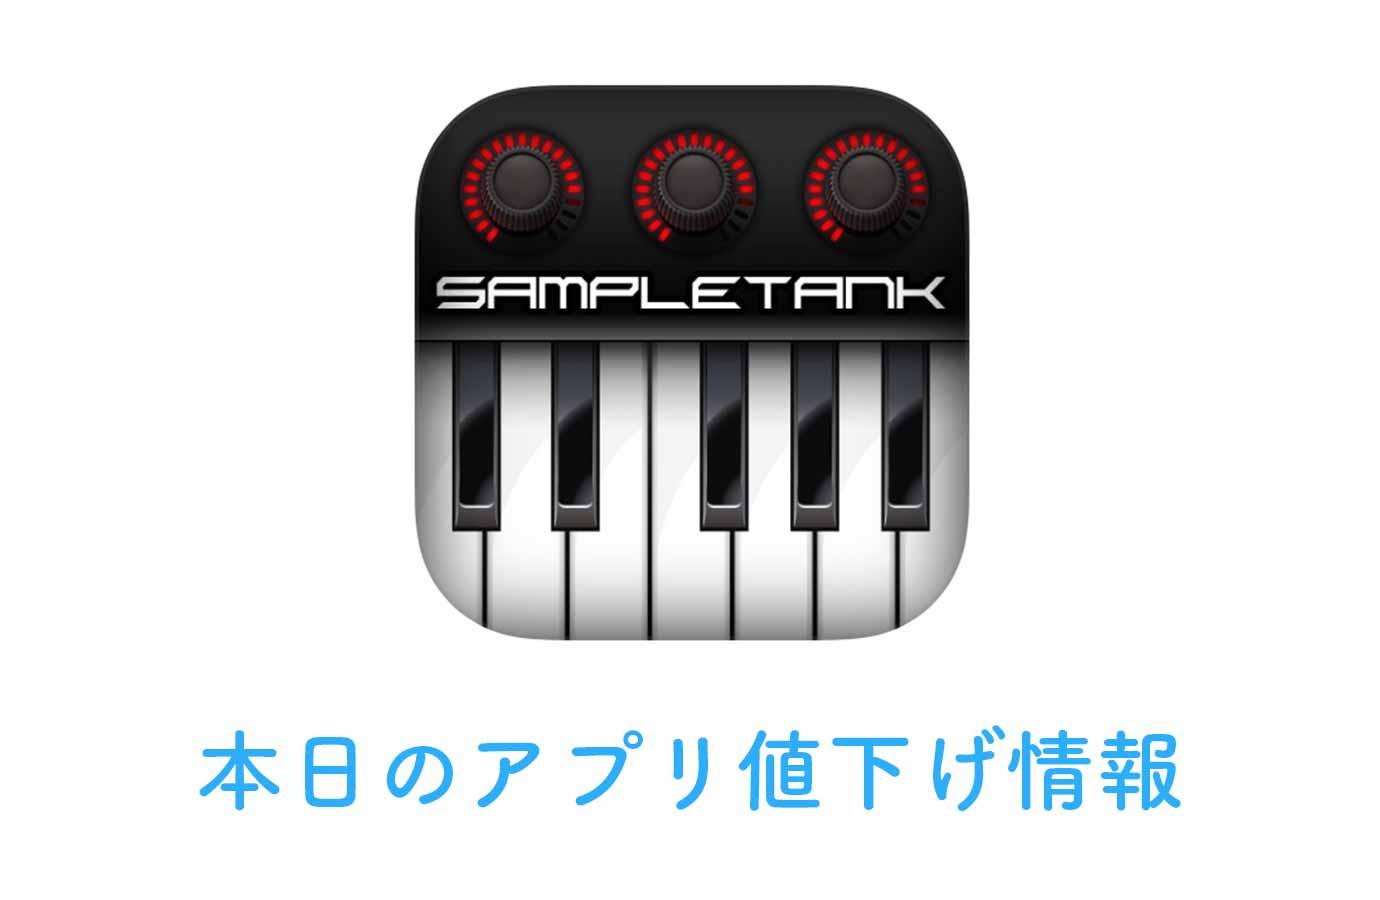 2,400円→無料!人気のマルチ音源アプリ「SampleTank」など【7/1版】アプリ値下げ情報